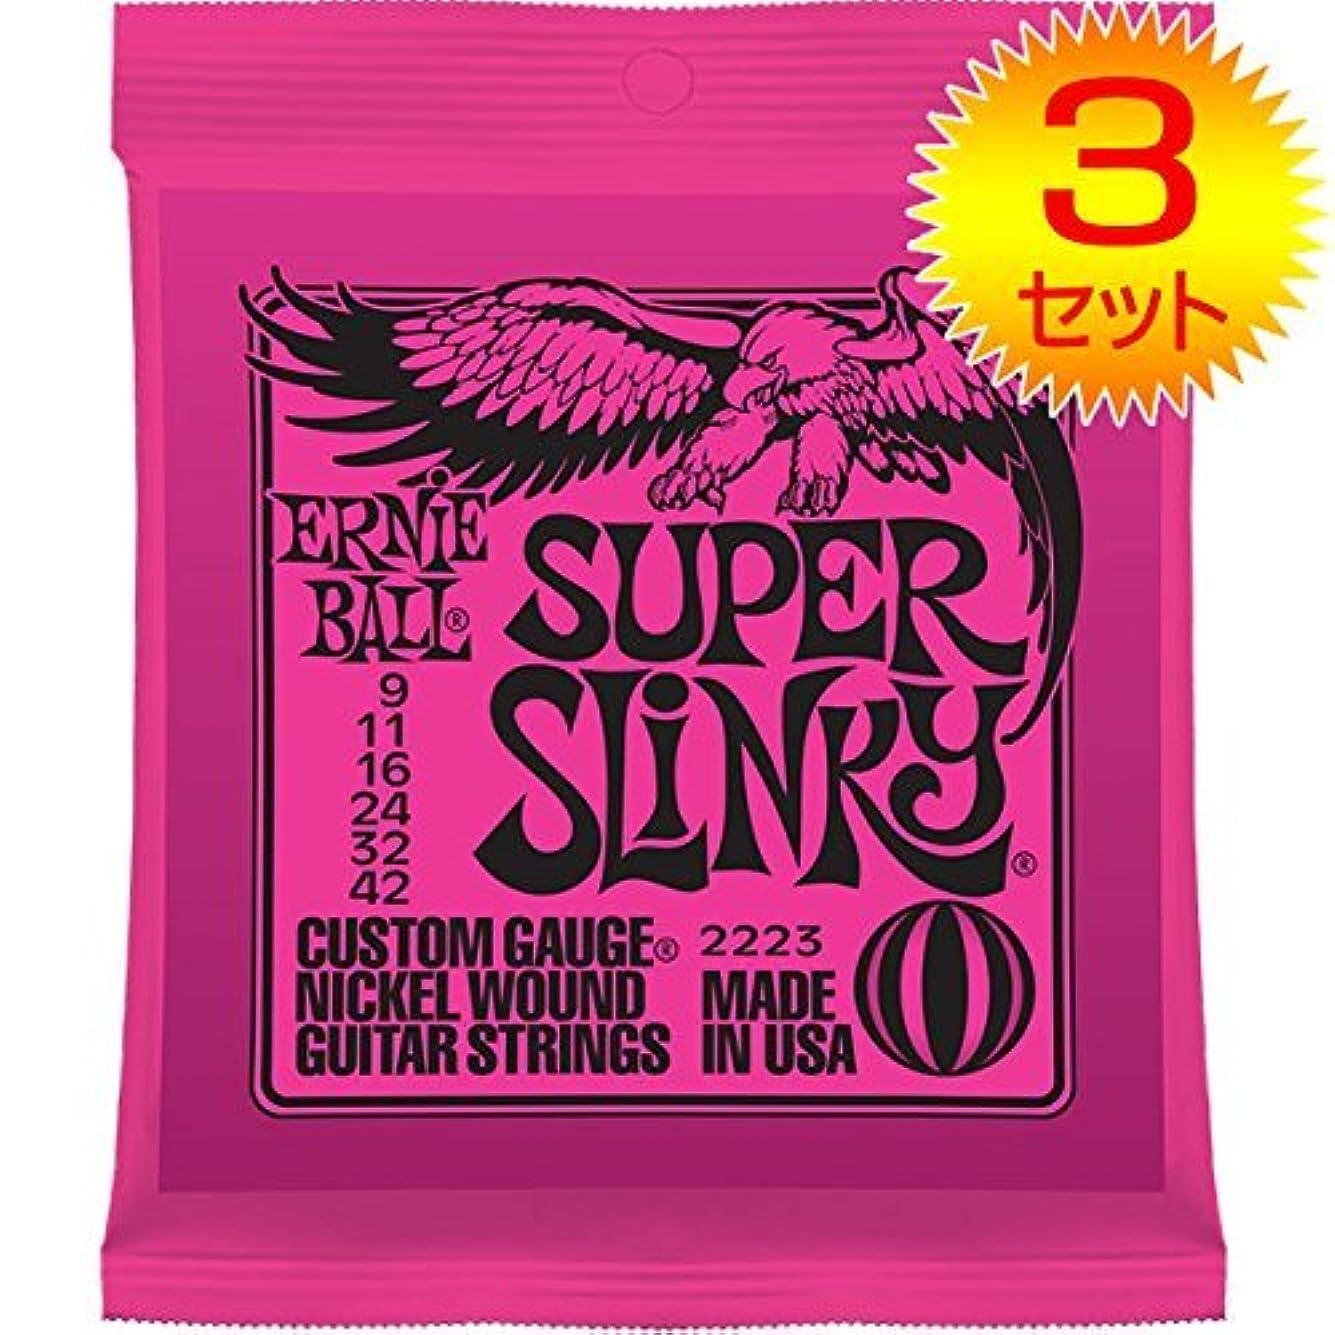 前文ライブ滴下【3セット】ERNIE BALL/アーニーボール 2223[09-42] SUPER SLINKY エレキギター弦